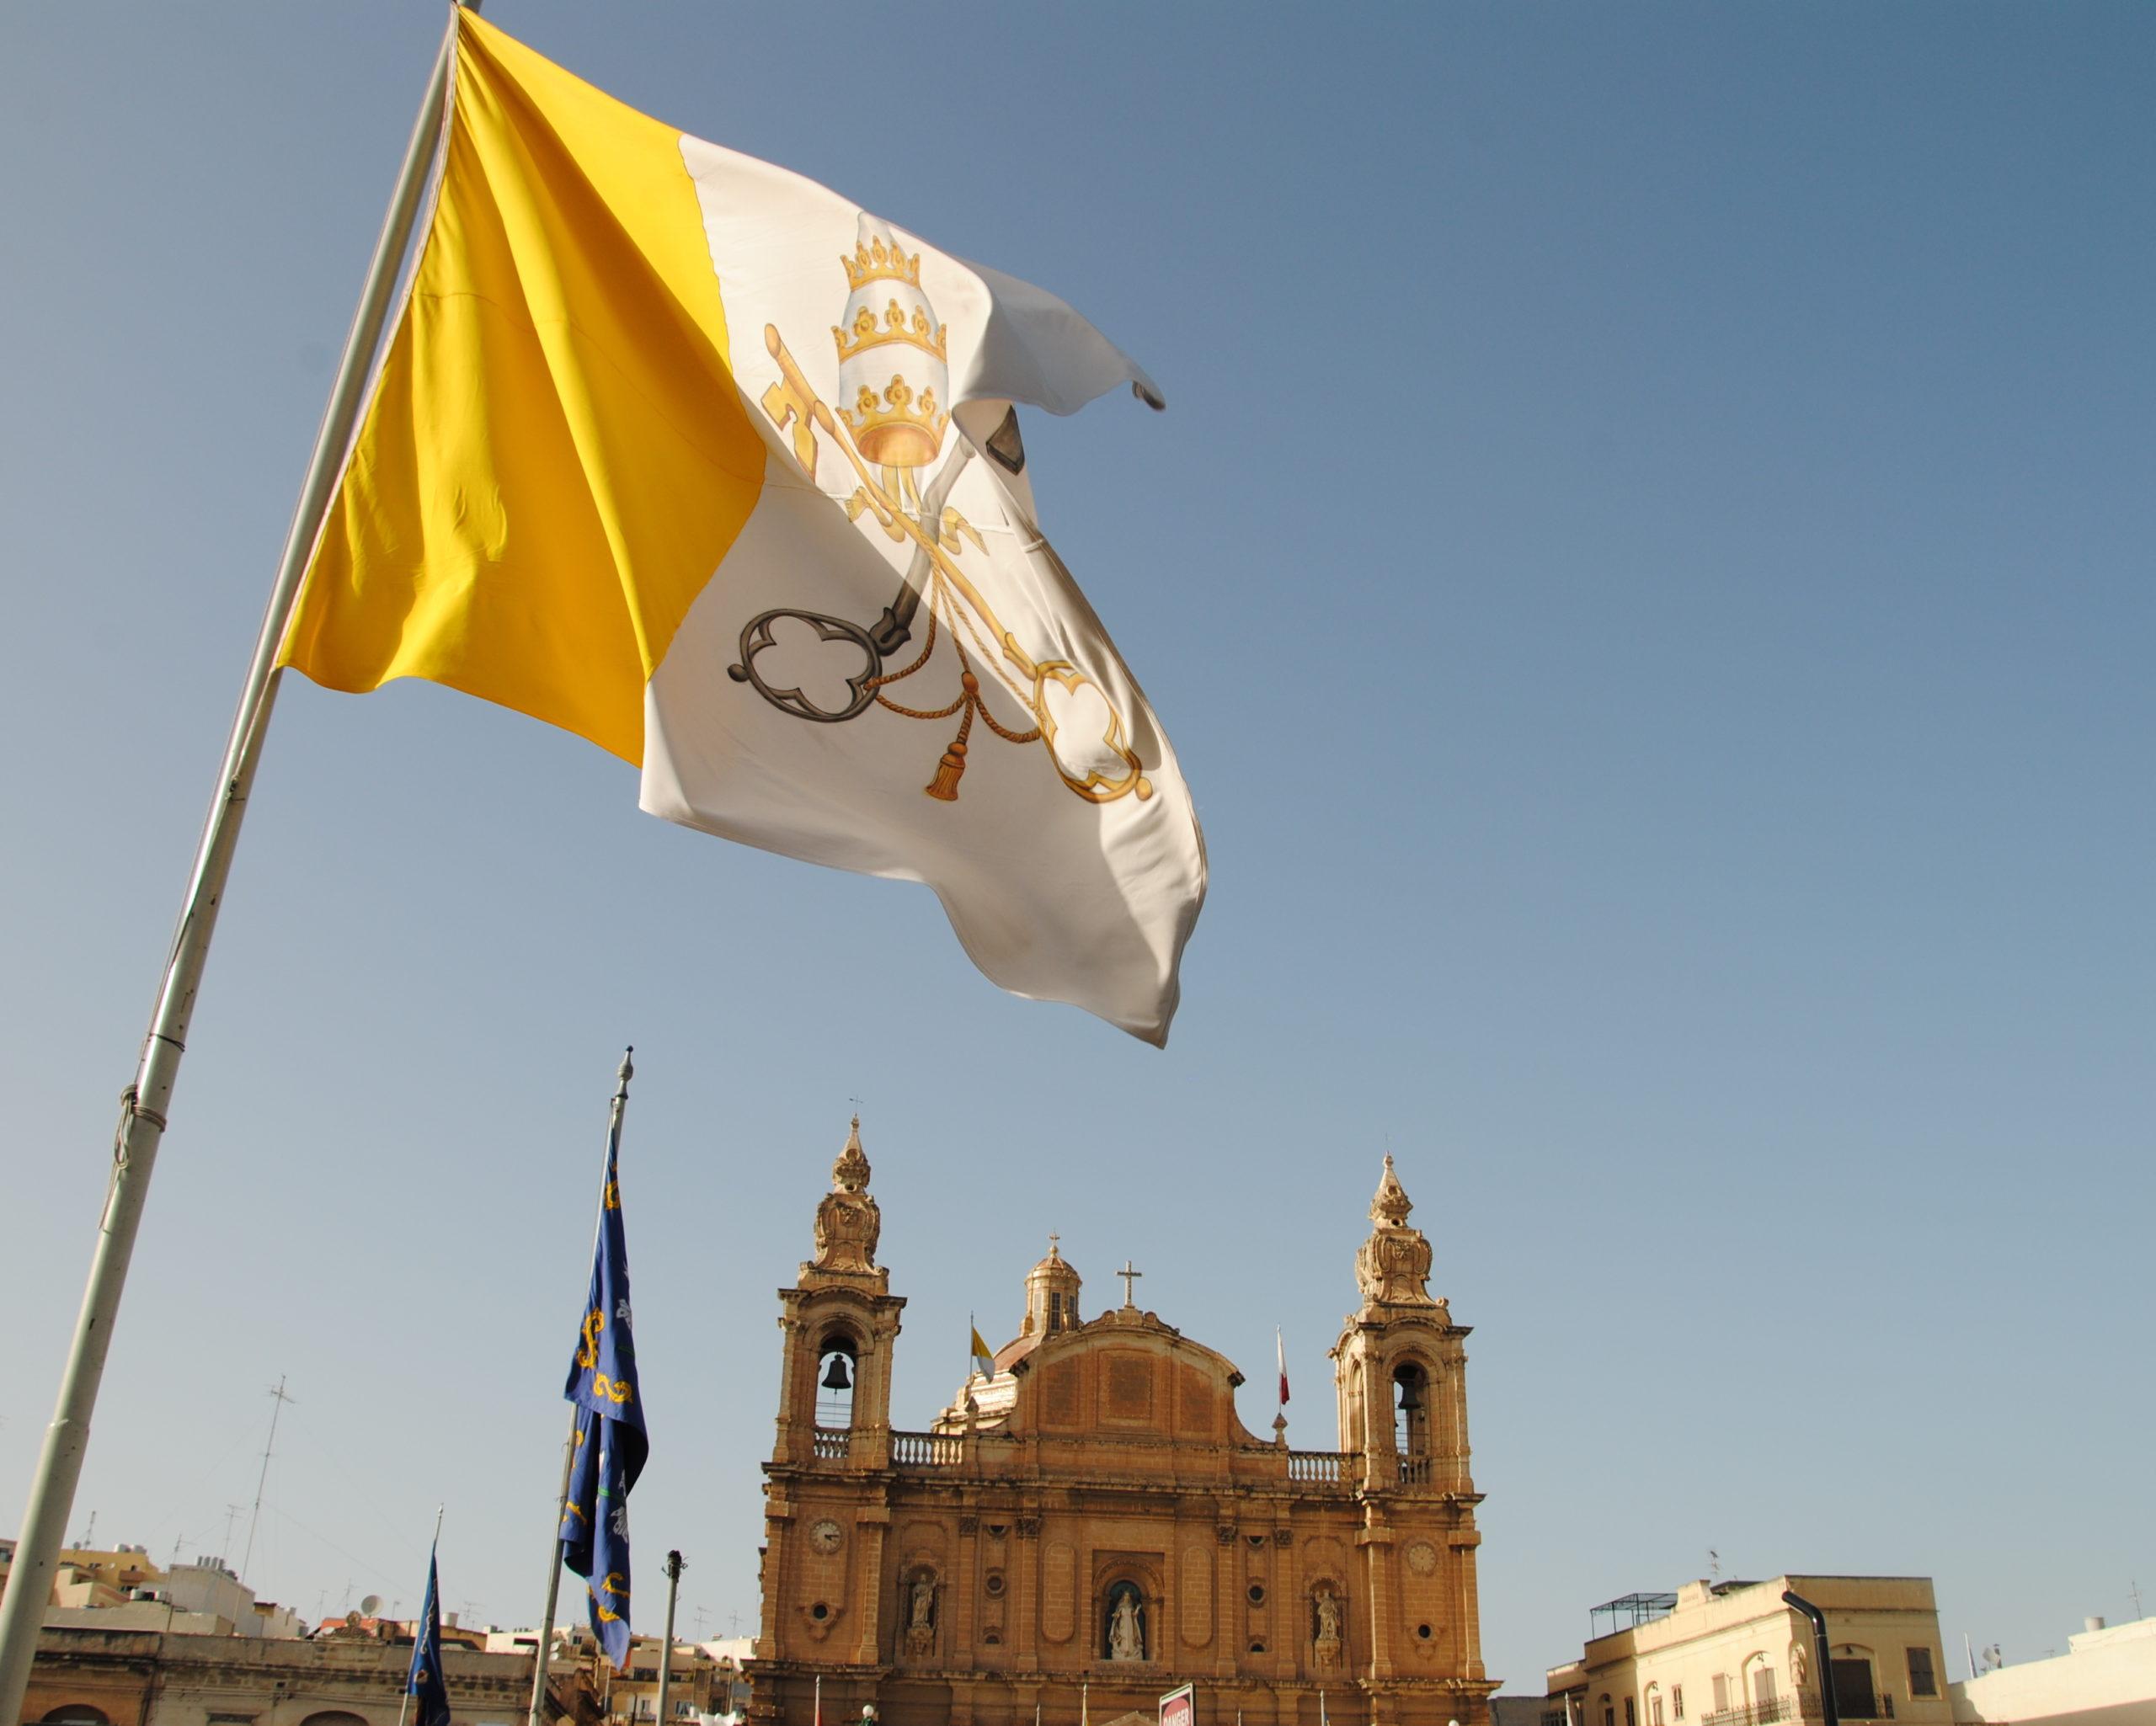 Vatican_flag_(8583012024)